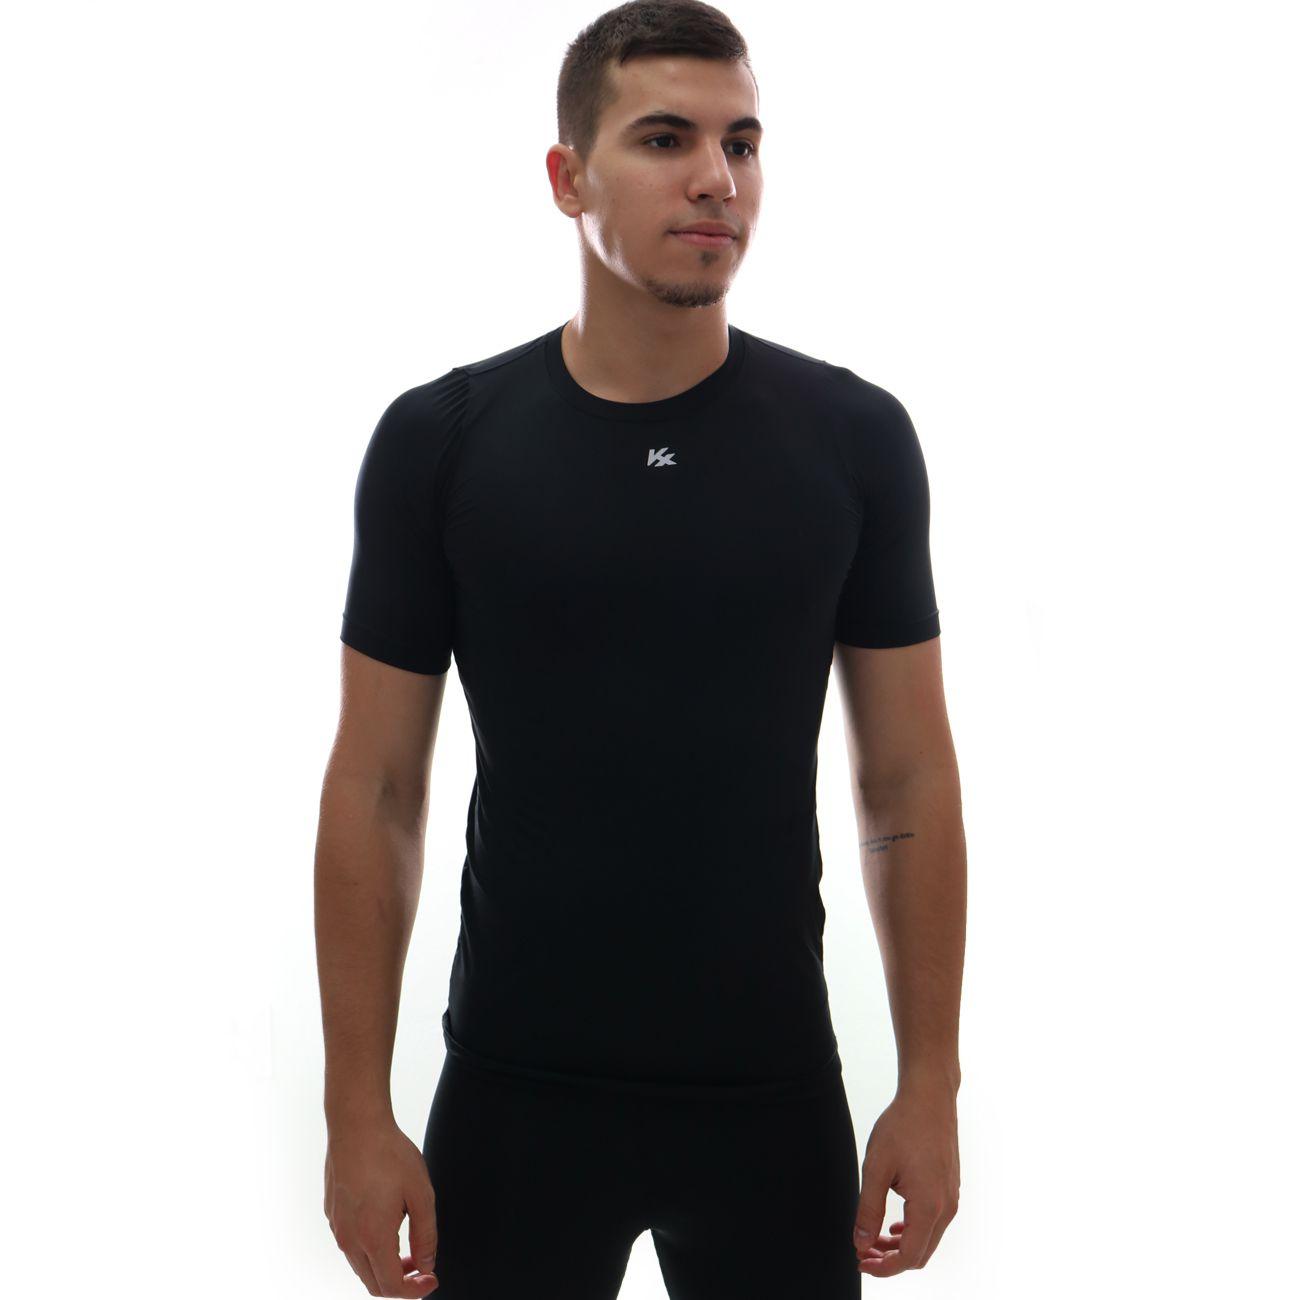 Camisa Kanxa Alta Compressão Kx Preto